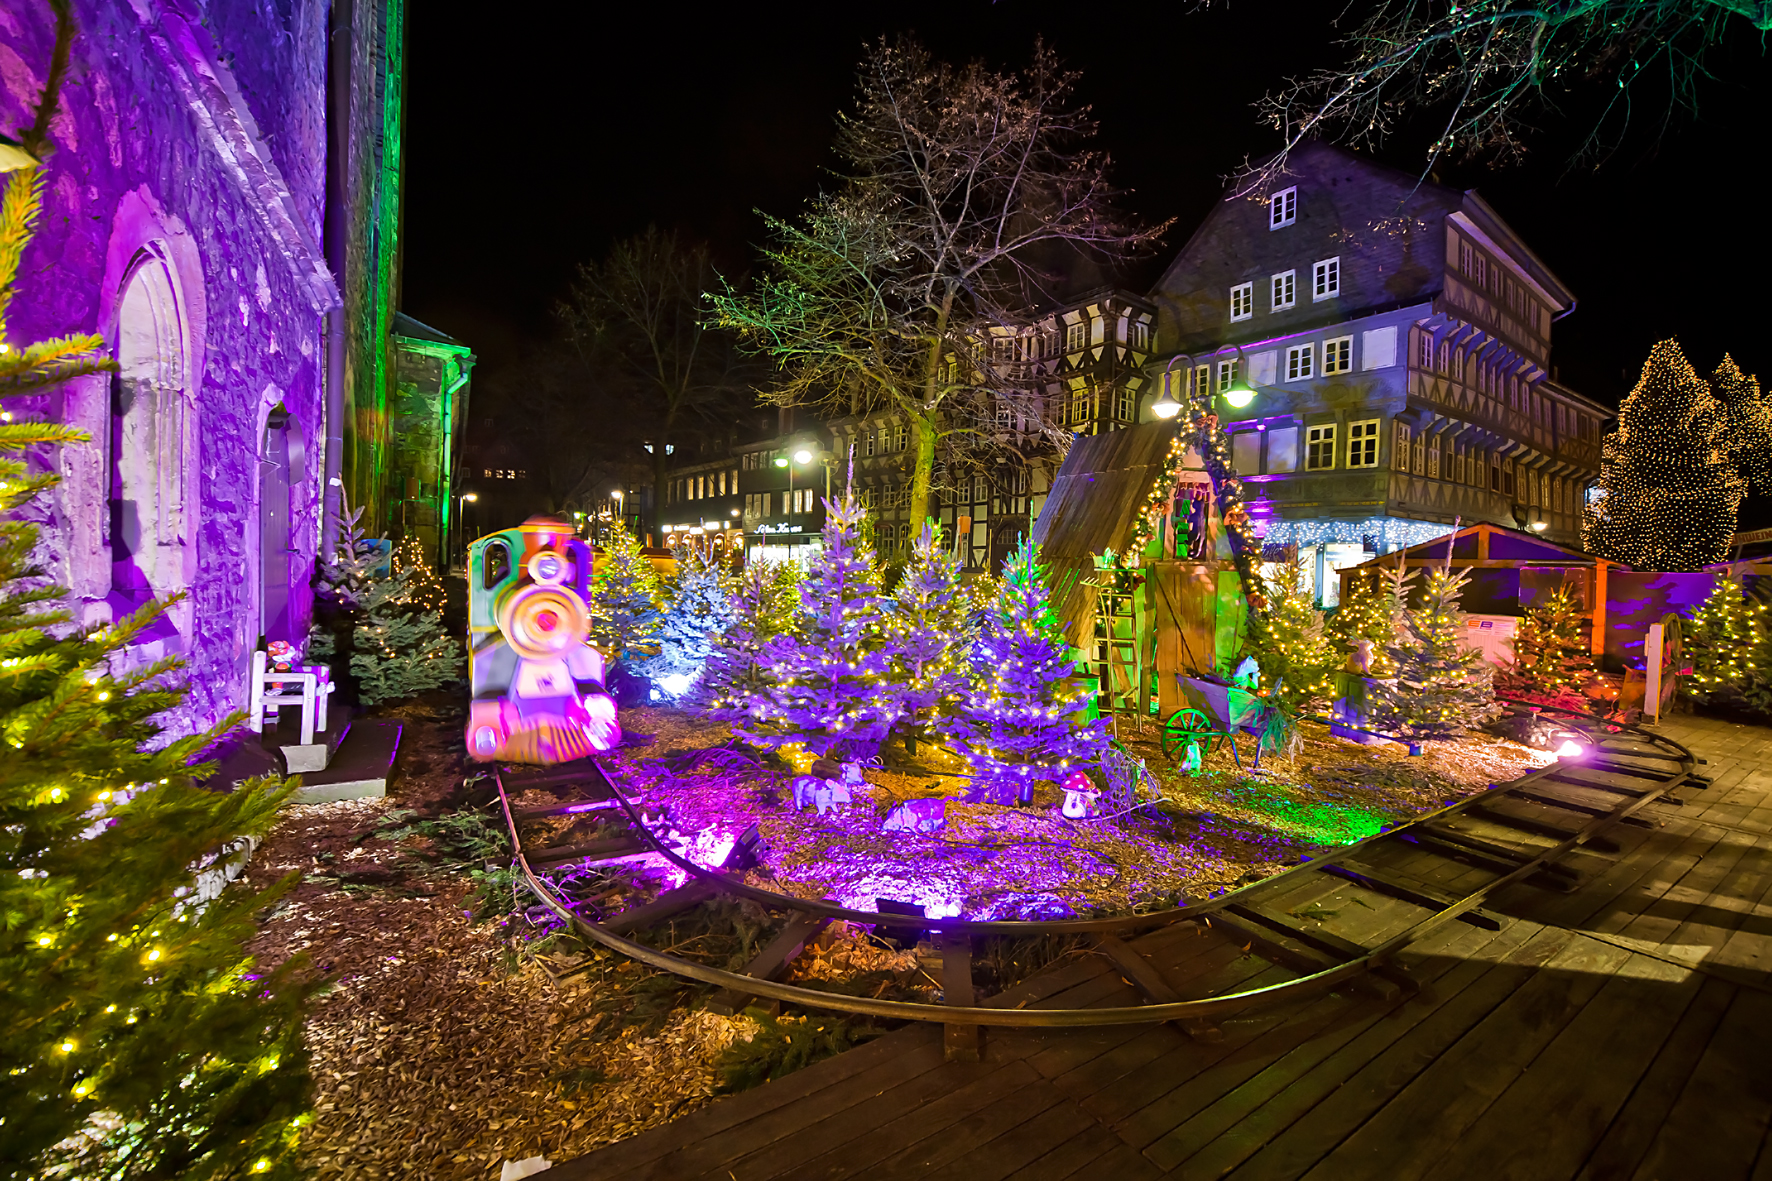 Goslar Weihnachtsmarkt.Familiennachmittag Auf Dem Goslarer Weihnachtsmarkt Goslar